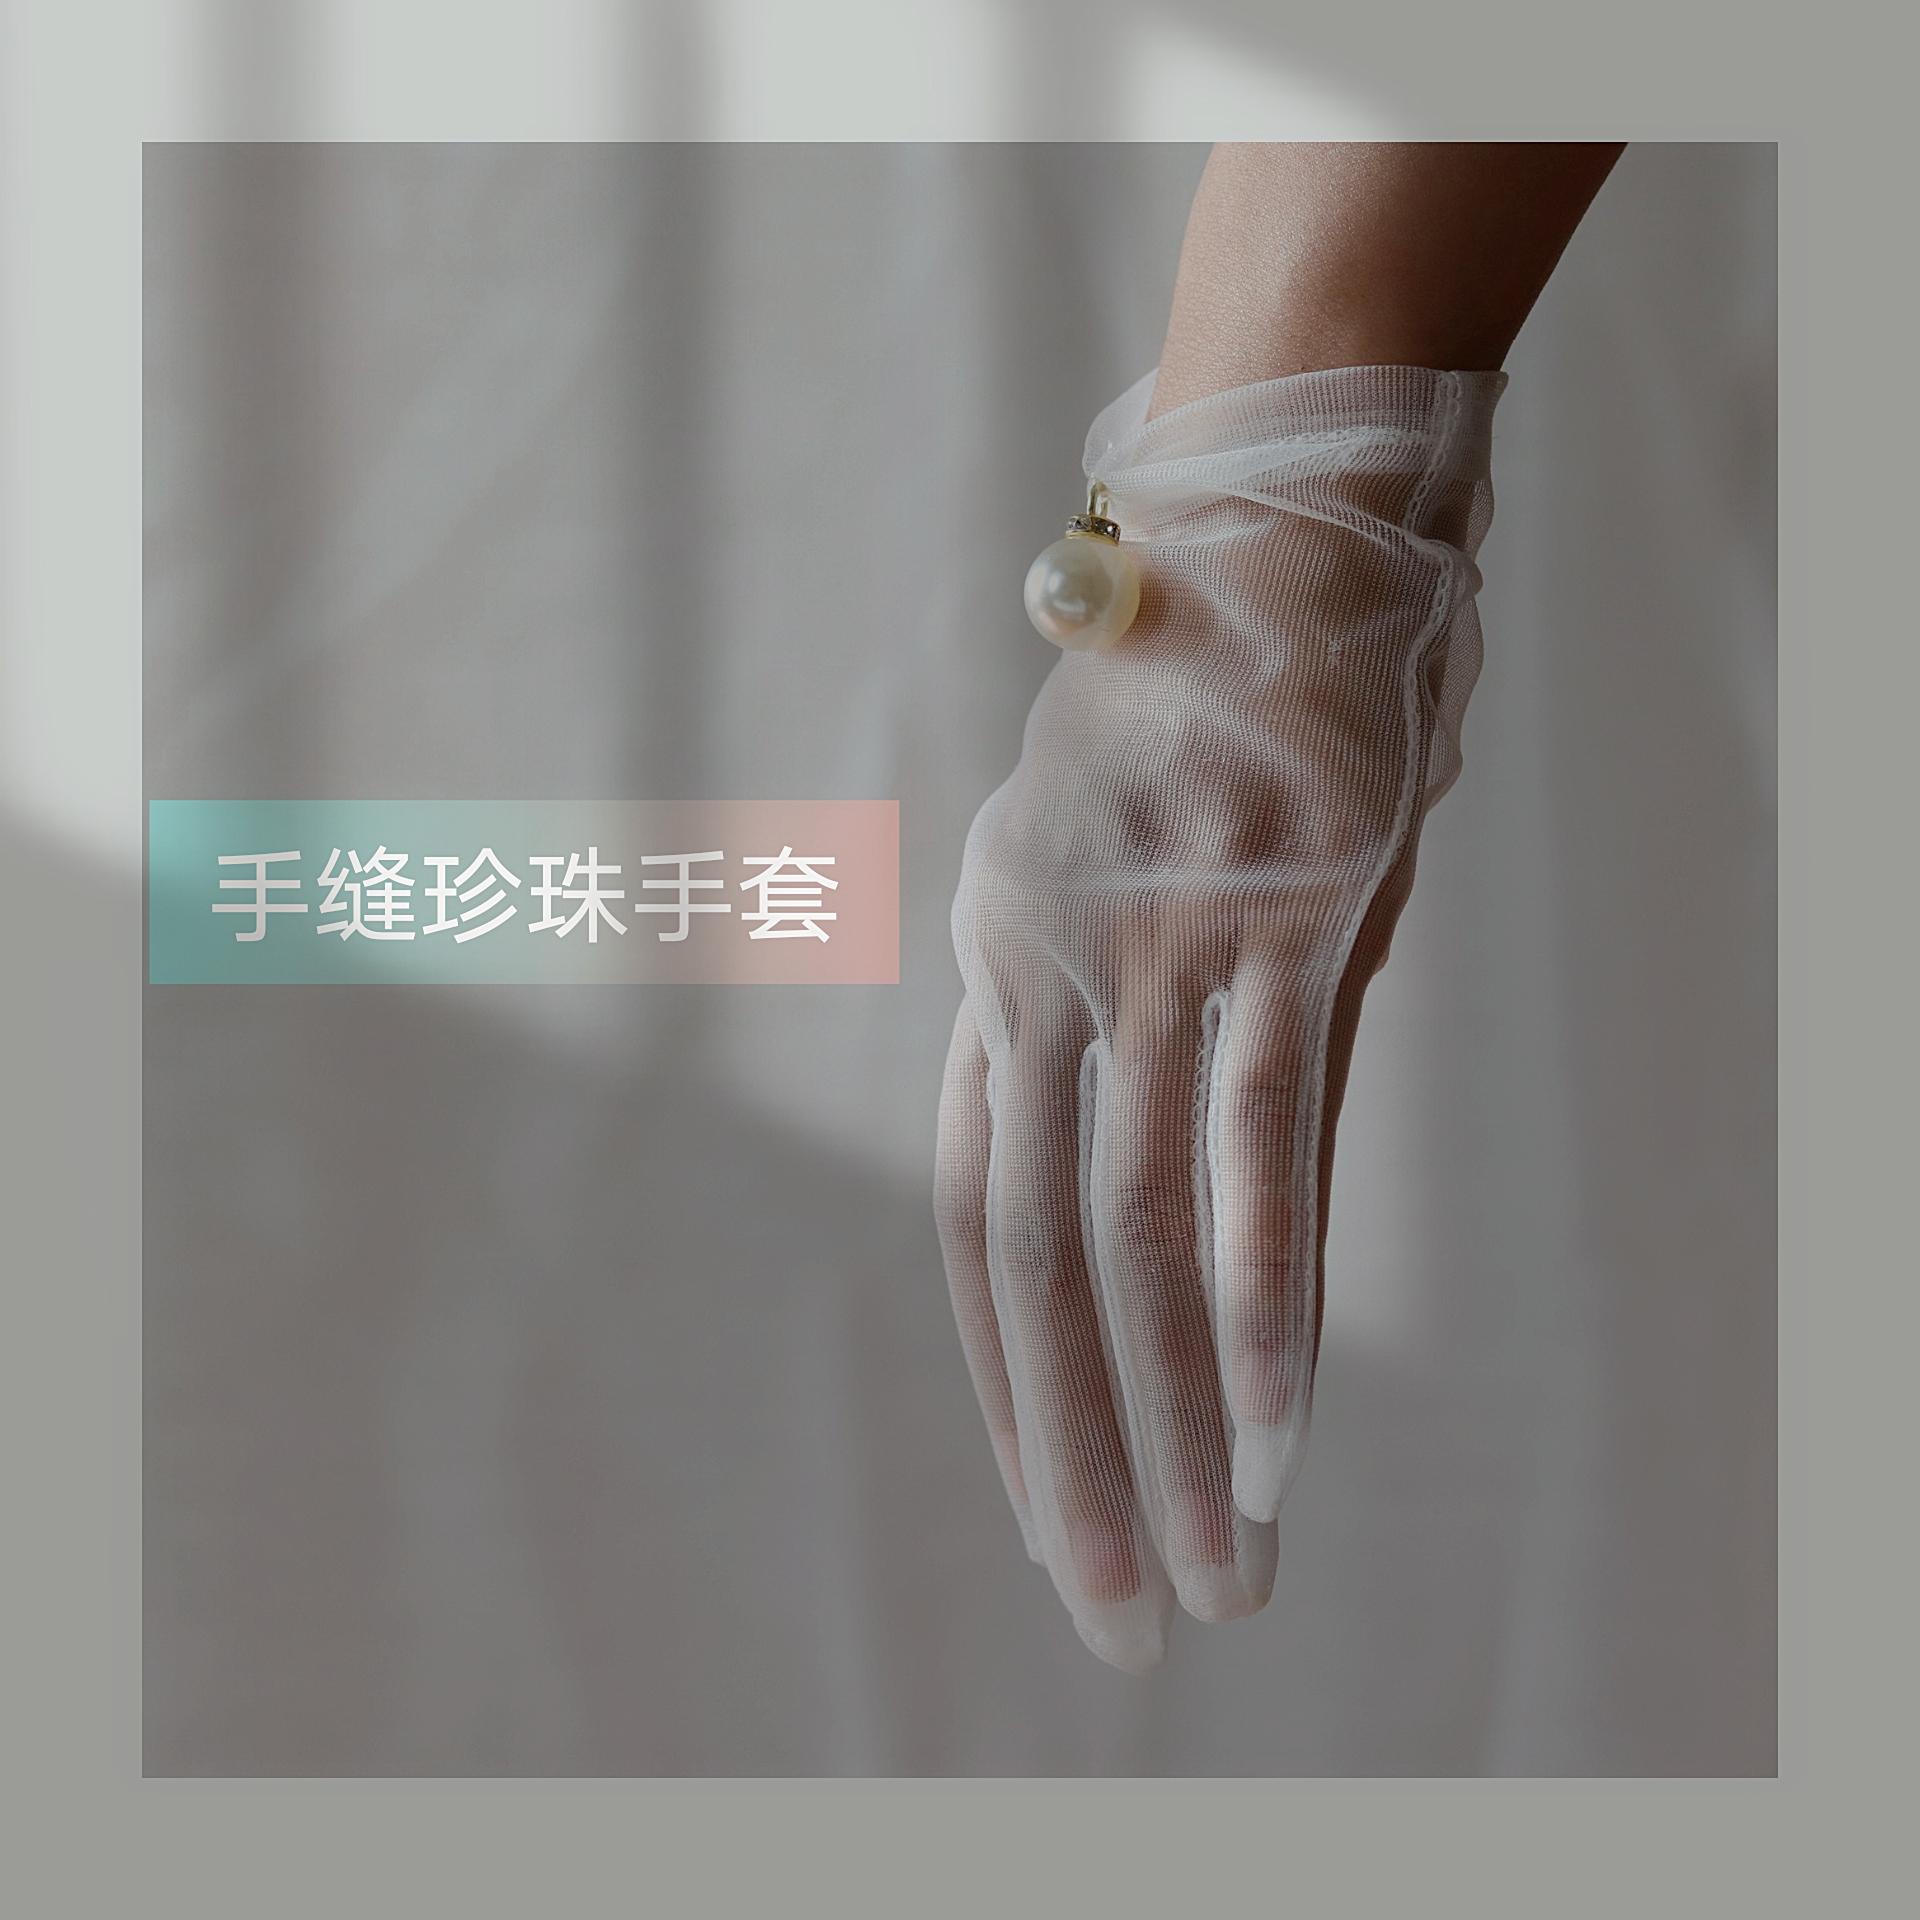 Аксессуары для китайской свадьбы Артикул 620075819050